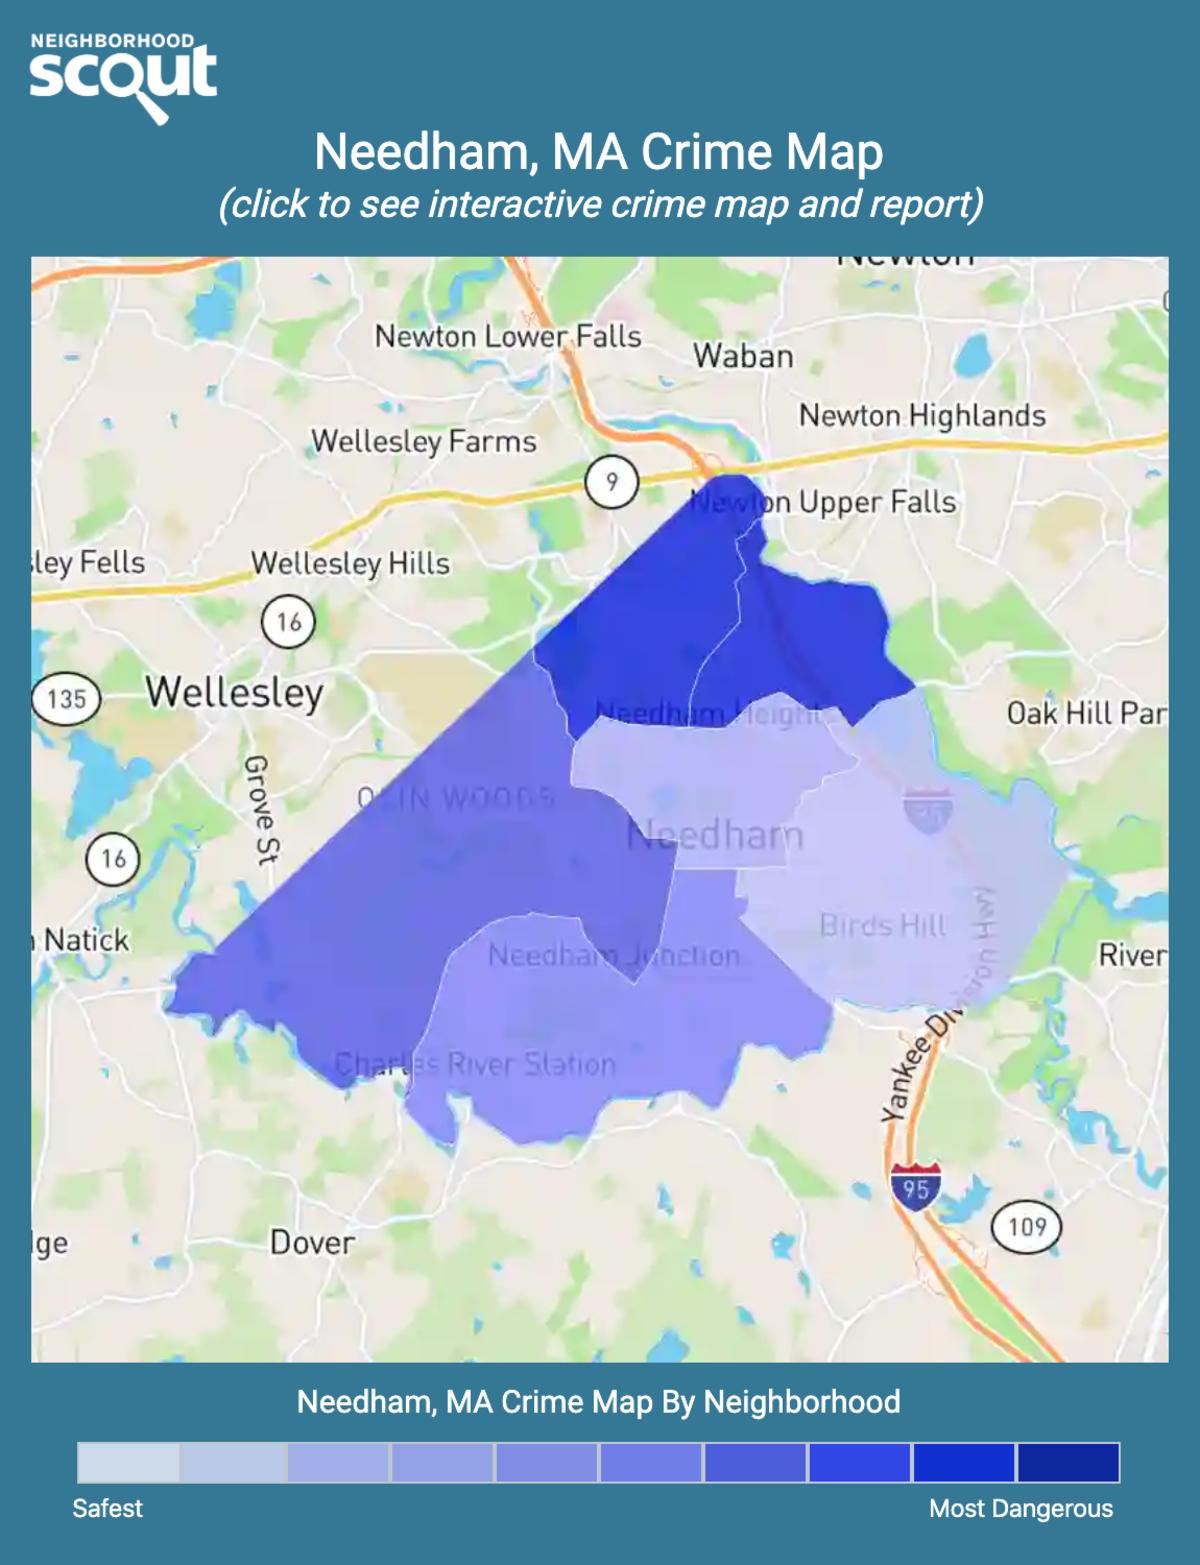 Needham, Massachusetts crime map